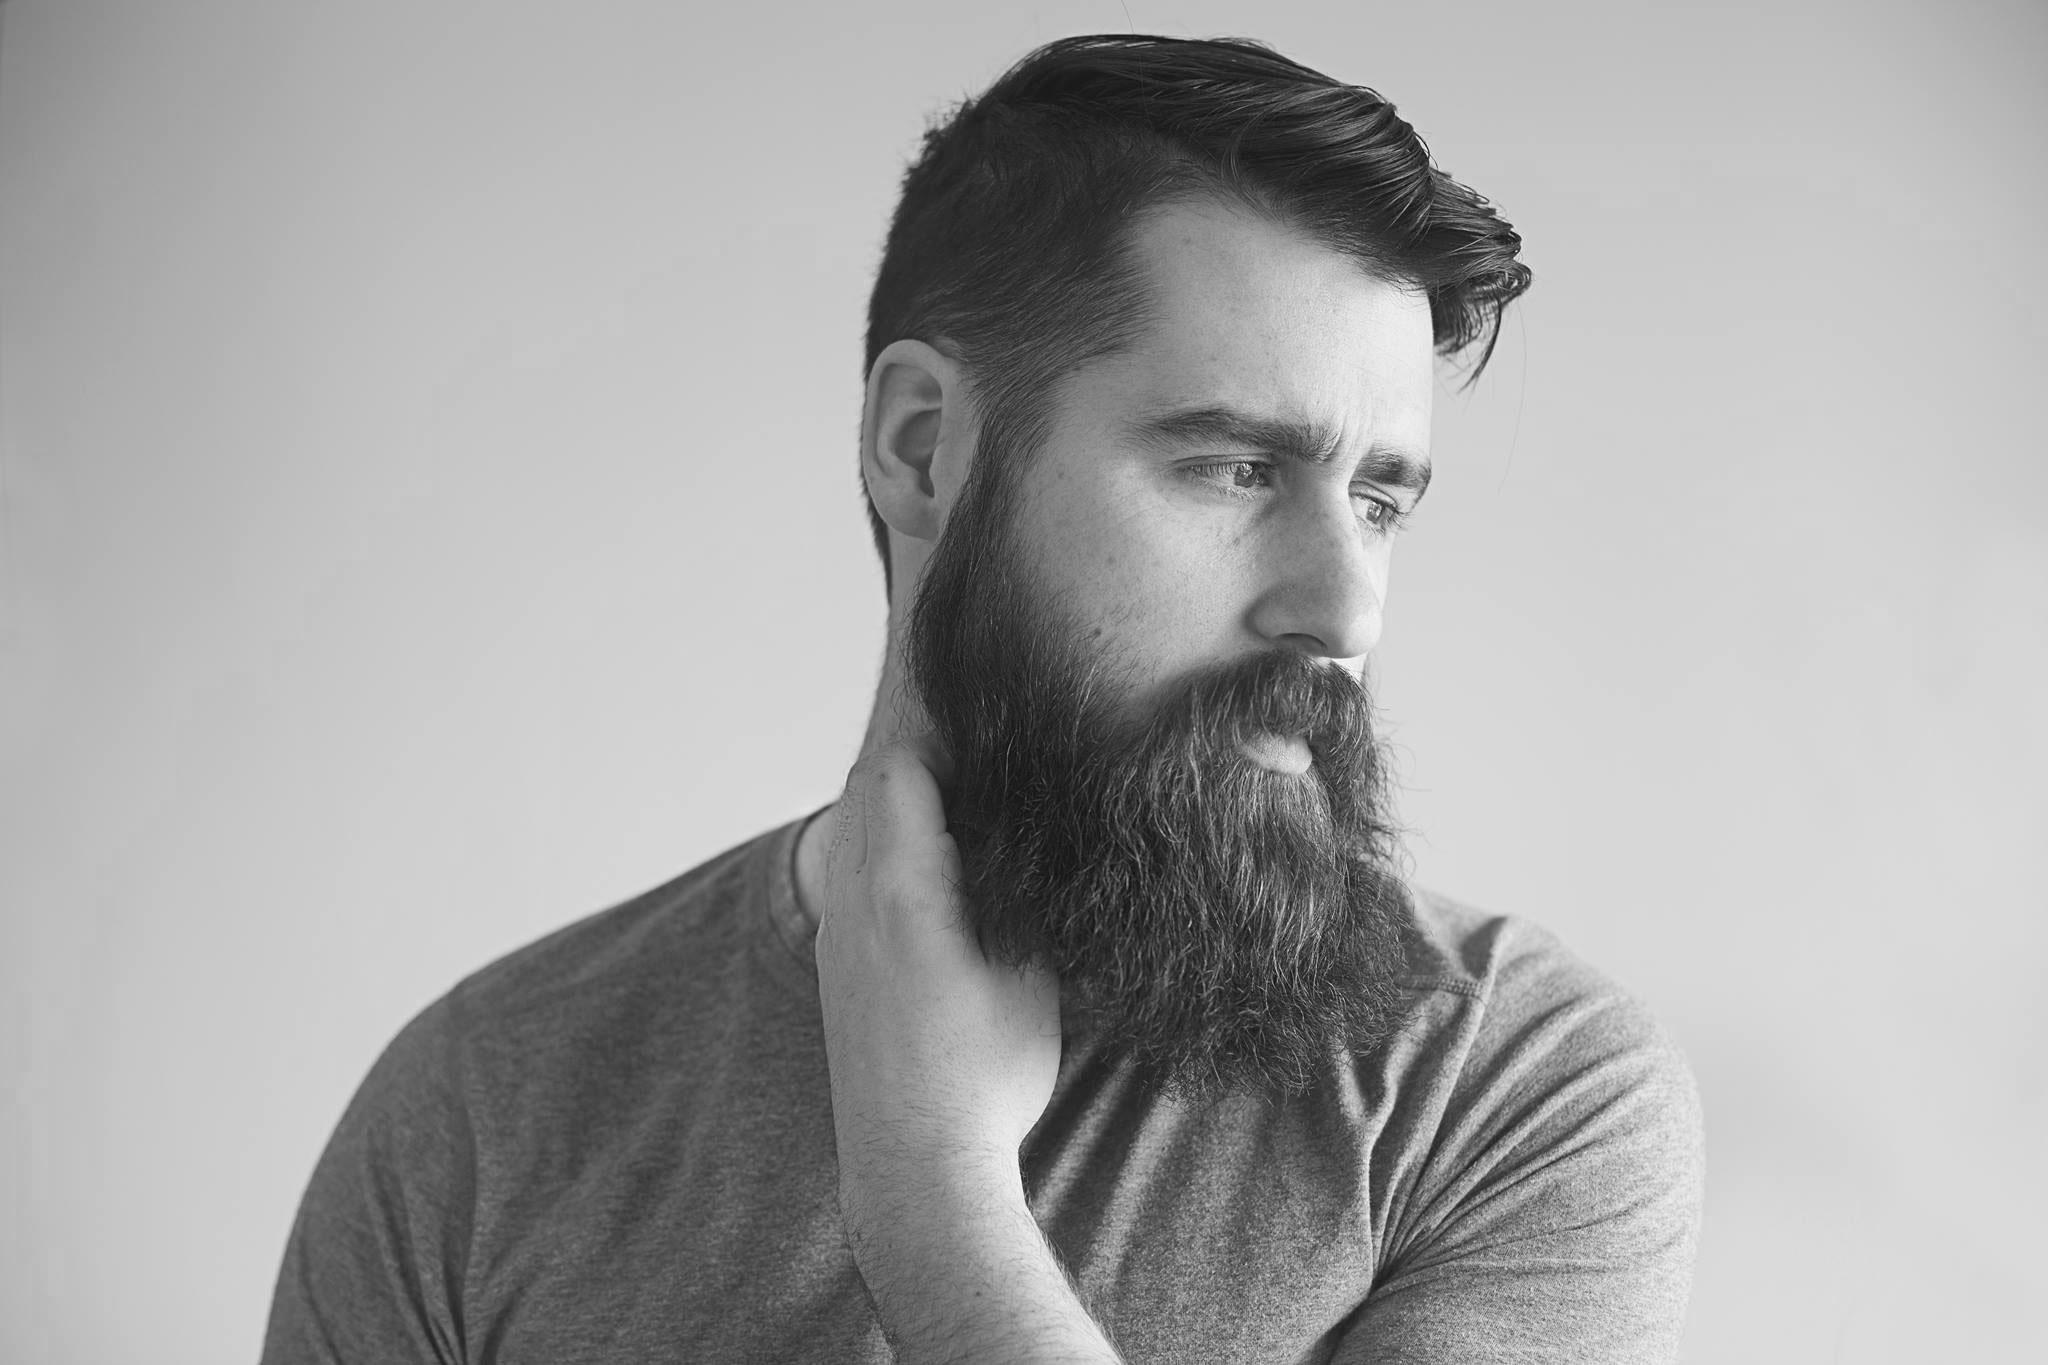 Barbe diff rents moyens de la porter pour tre au top - Style de barbe courte ...